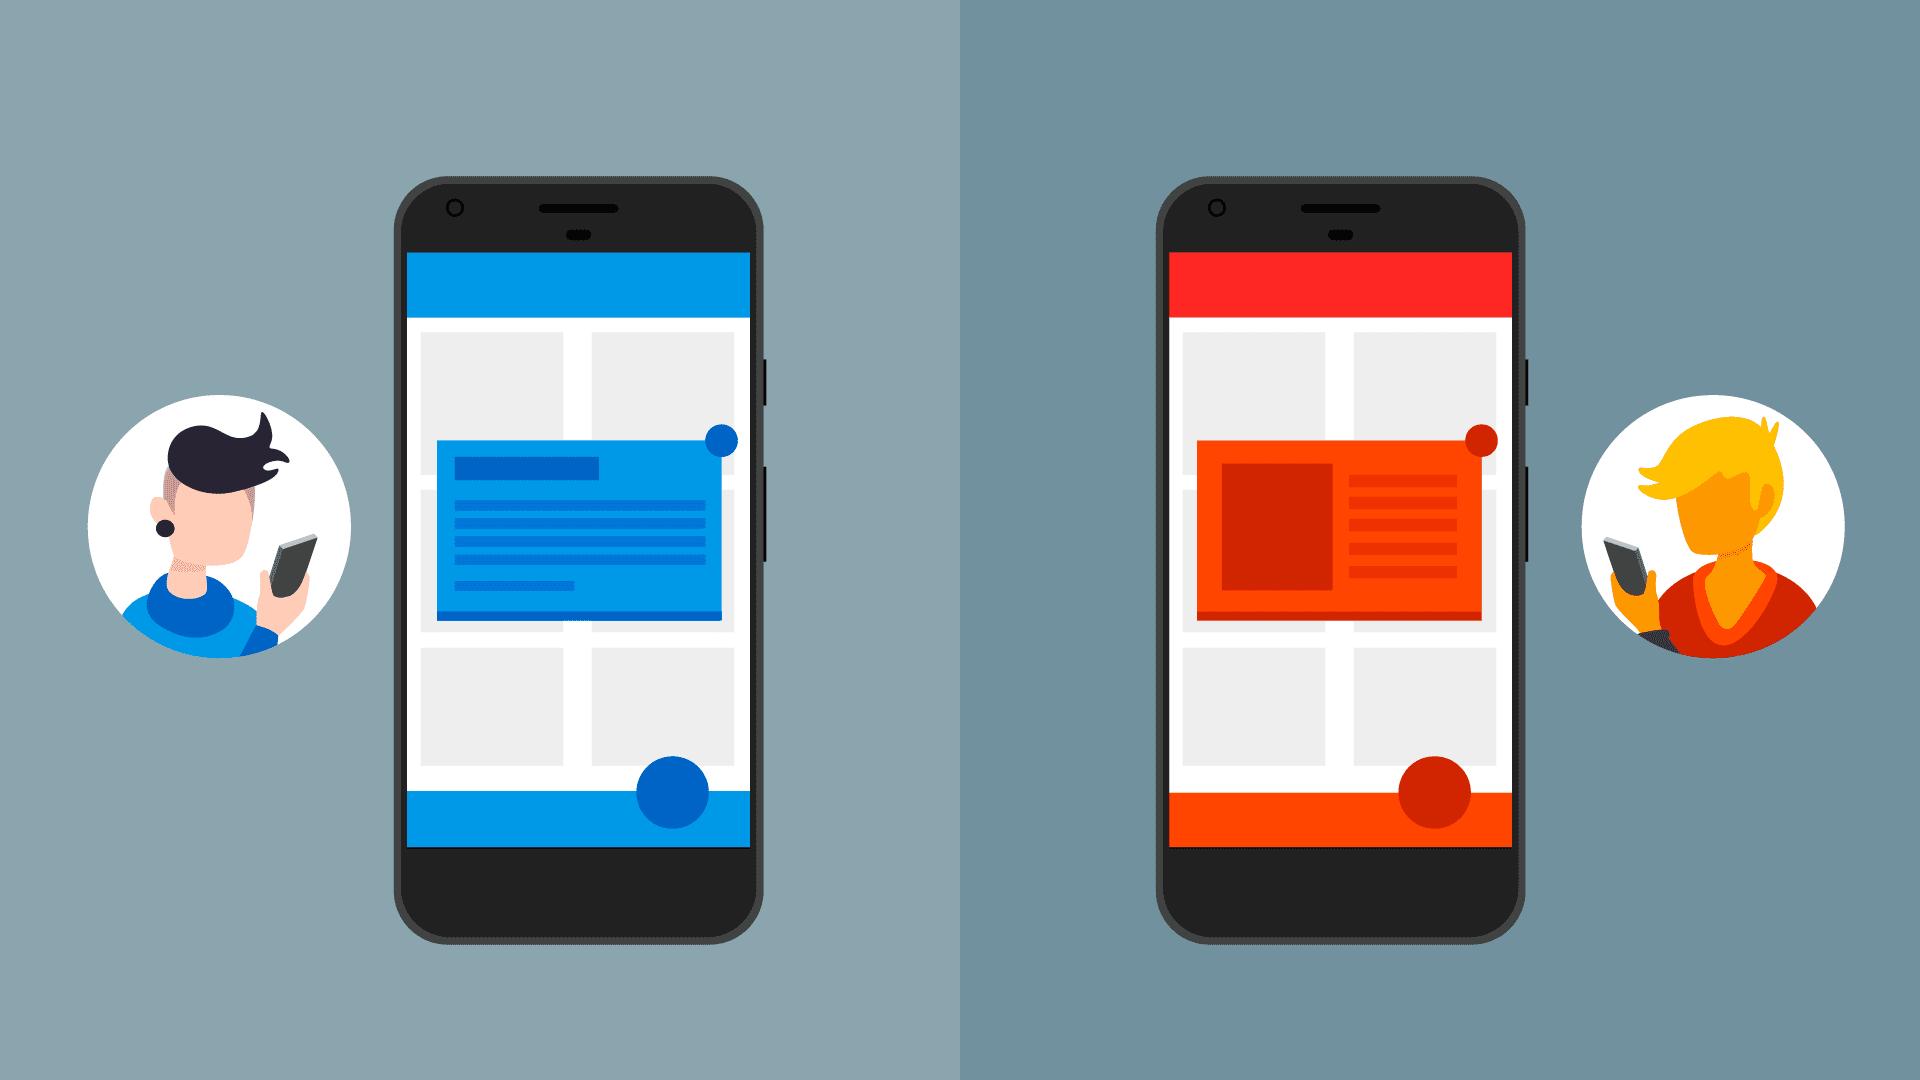 Dos mensajes desde la app con distintos estilos